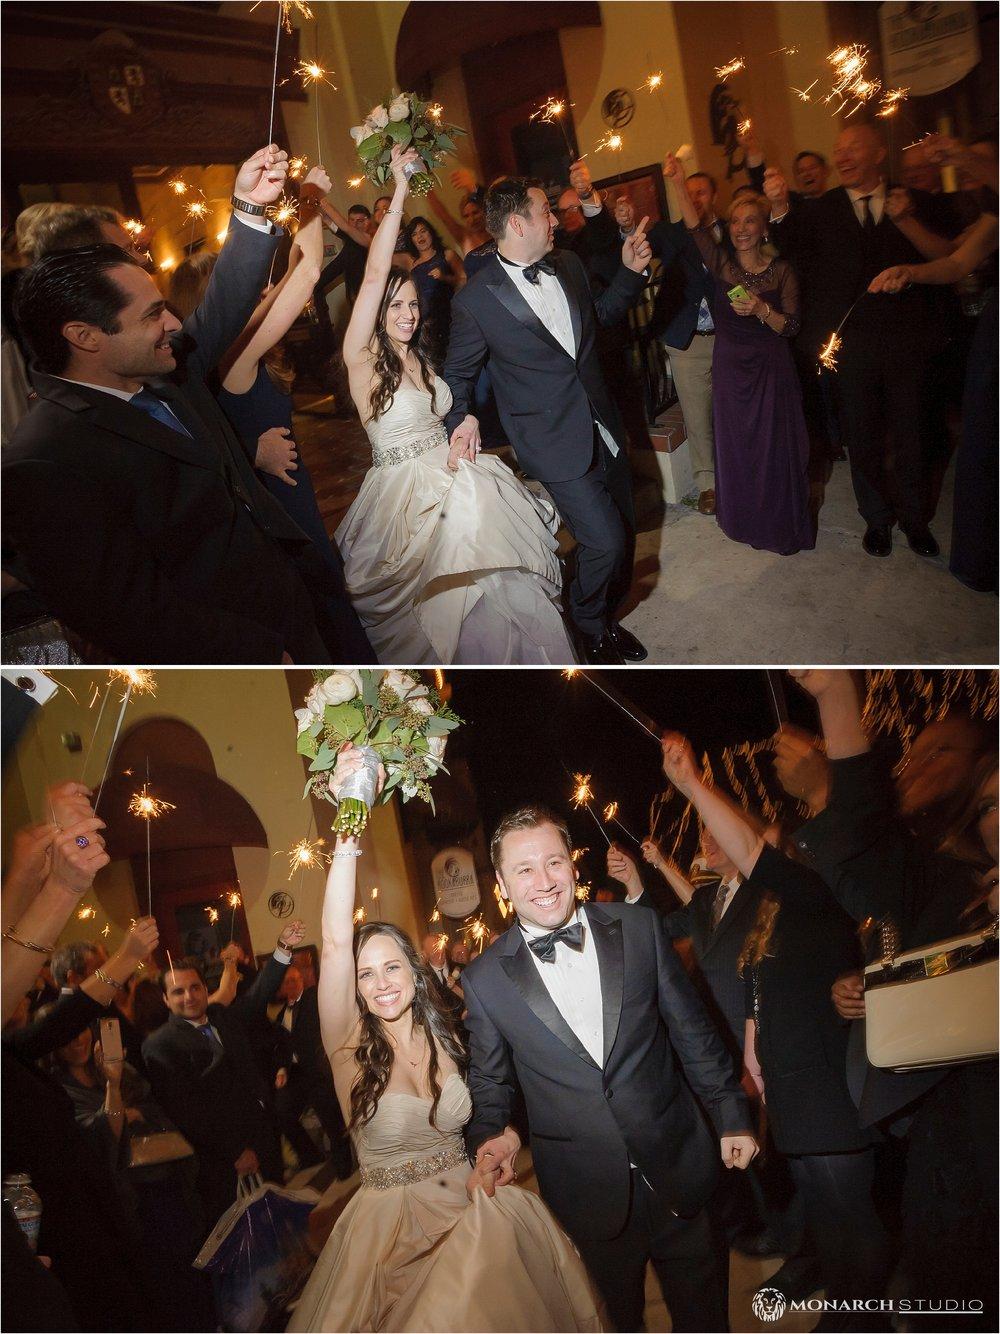 st-augustine-wedding-venue-treasury-on-the-plaza-075.jpg